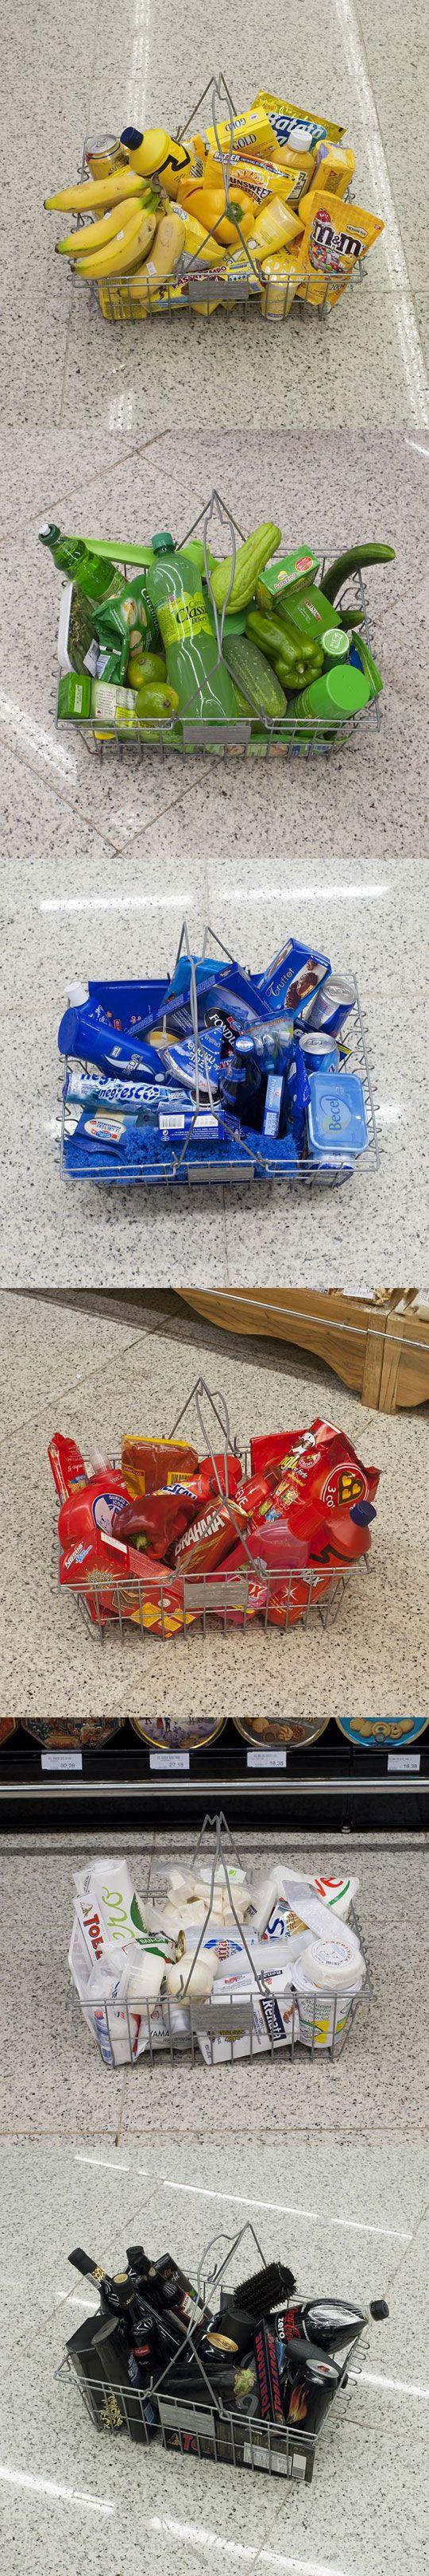 OCD anyone?